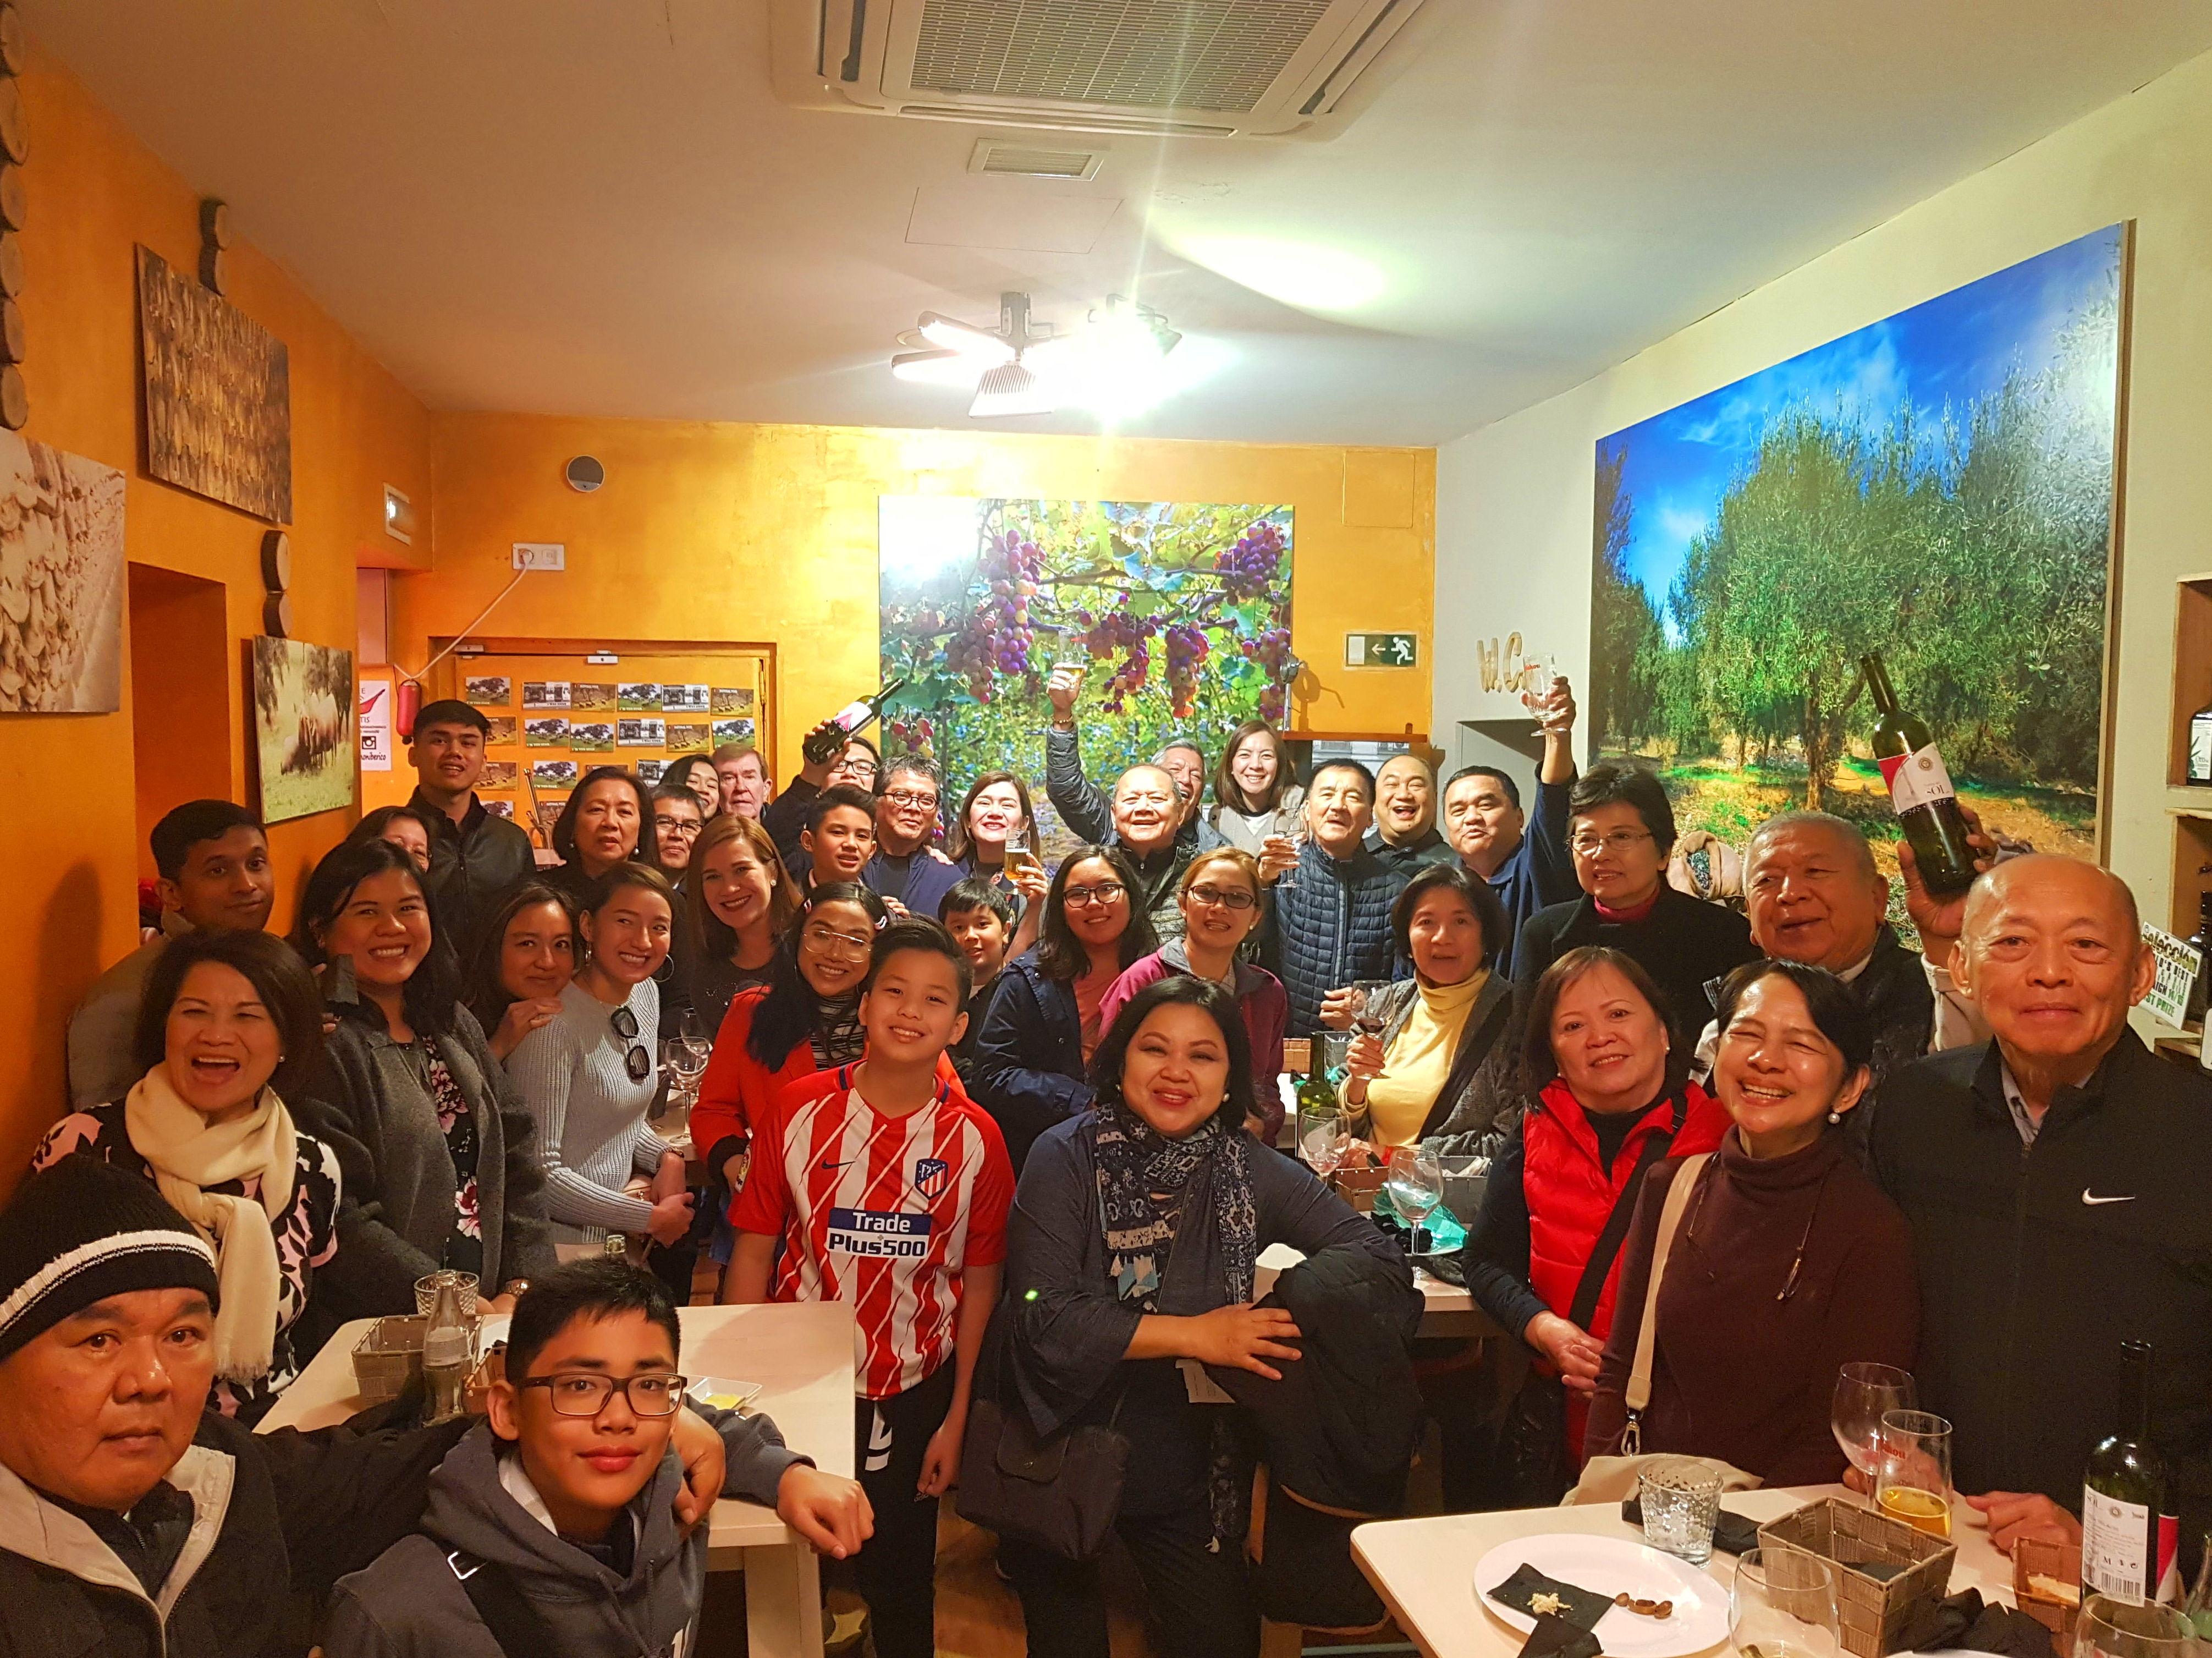 Experiencias: Tienda online y experiencias de Mercado Jamón Ibérico